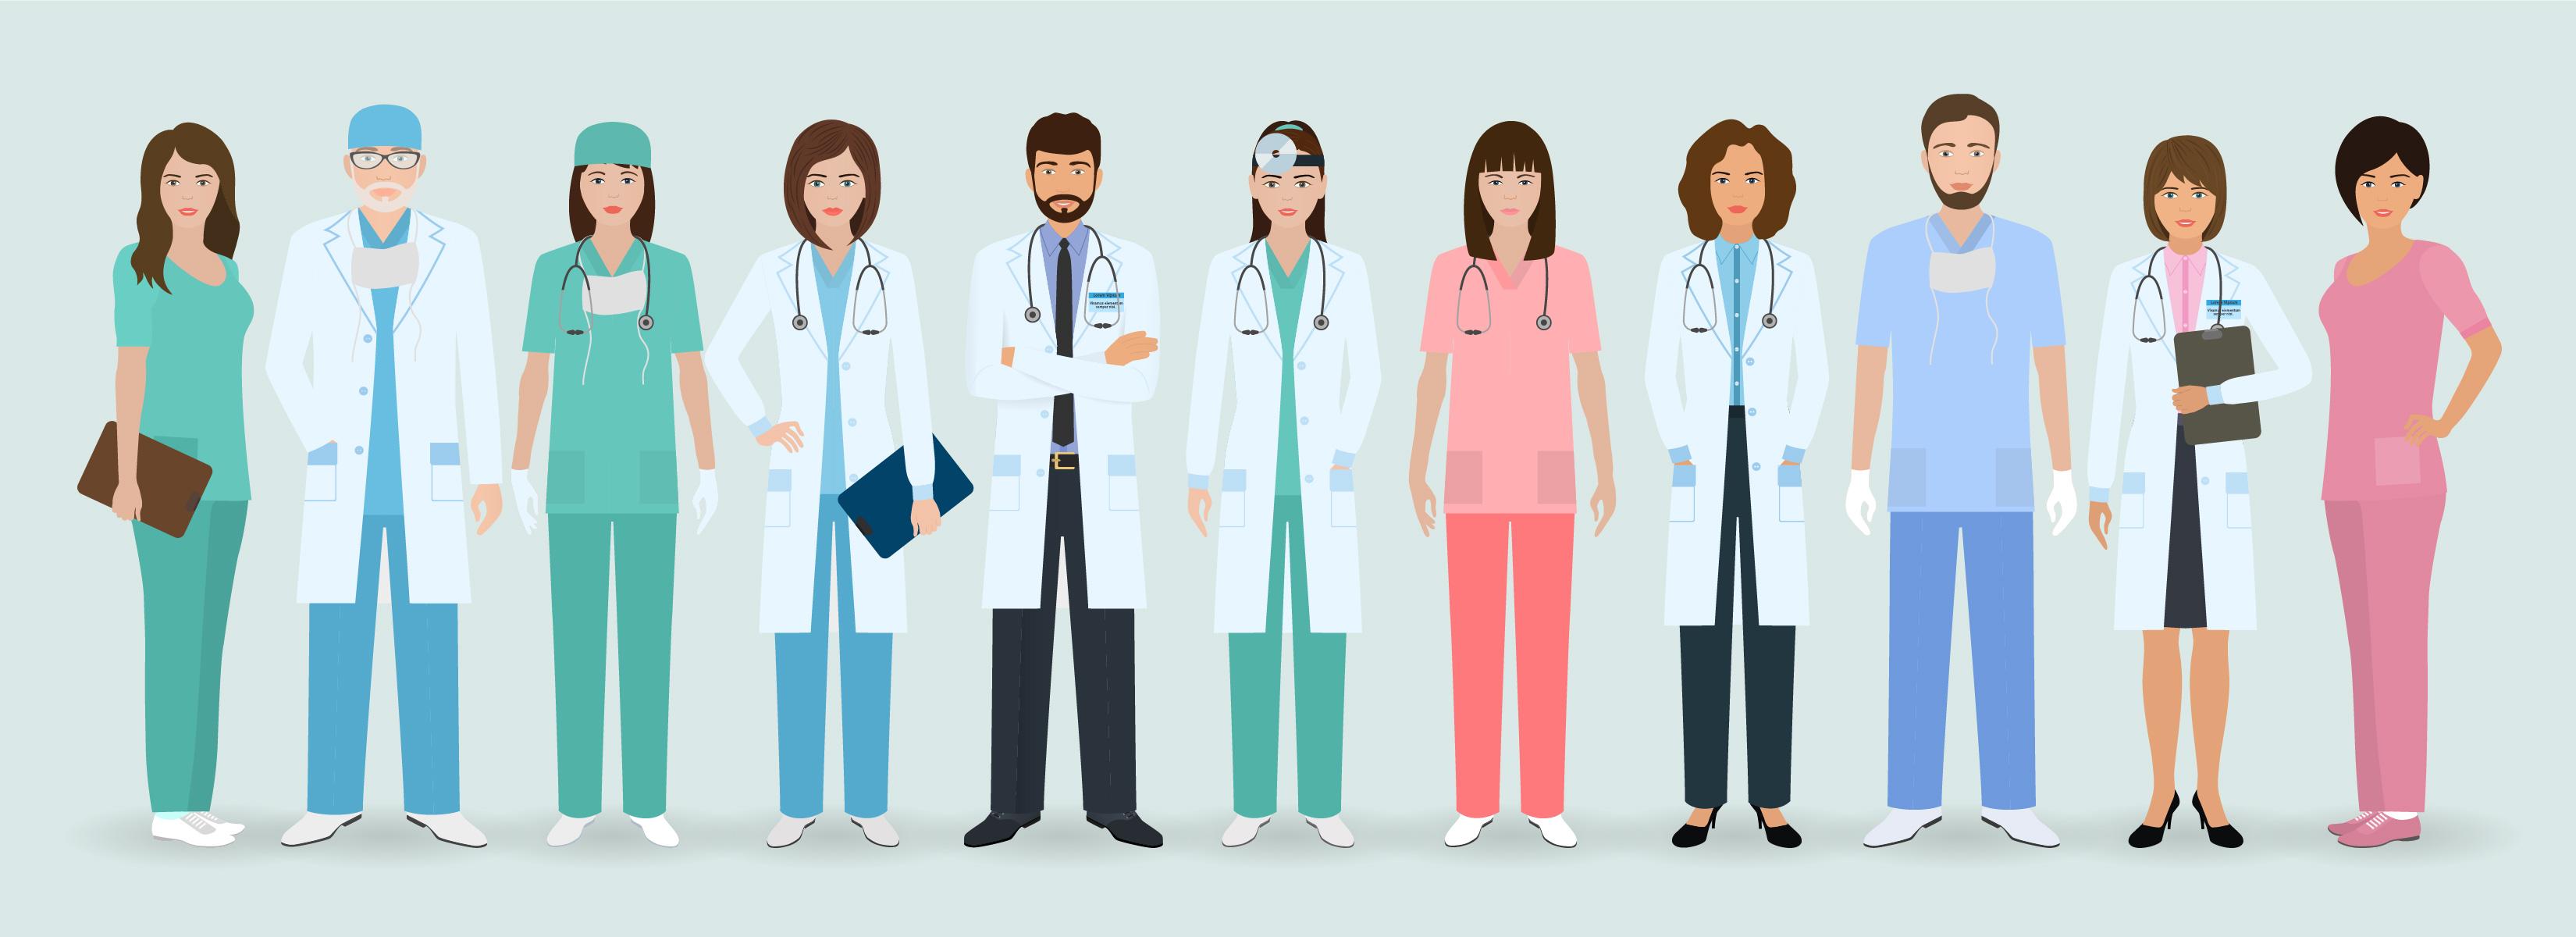 Застраховка живот Best Doctors срещу тежки заболявания